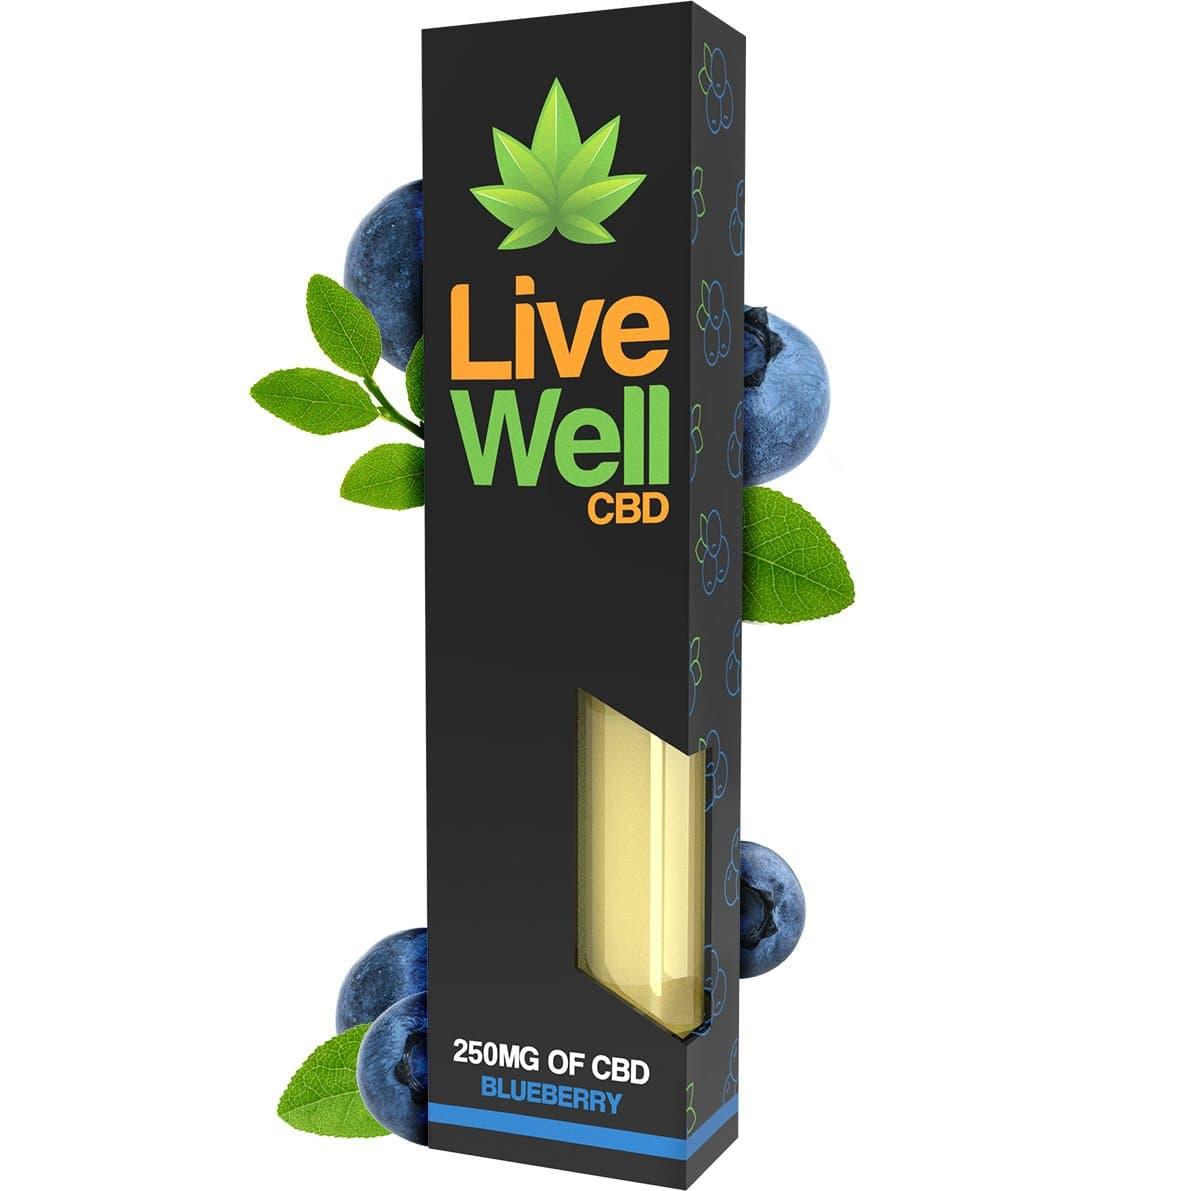 Live Well CBD Vape